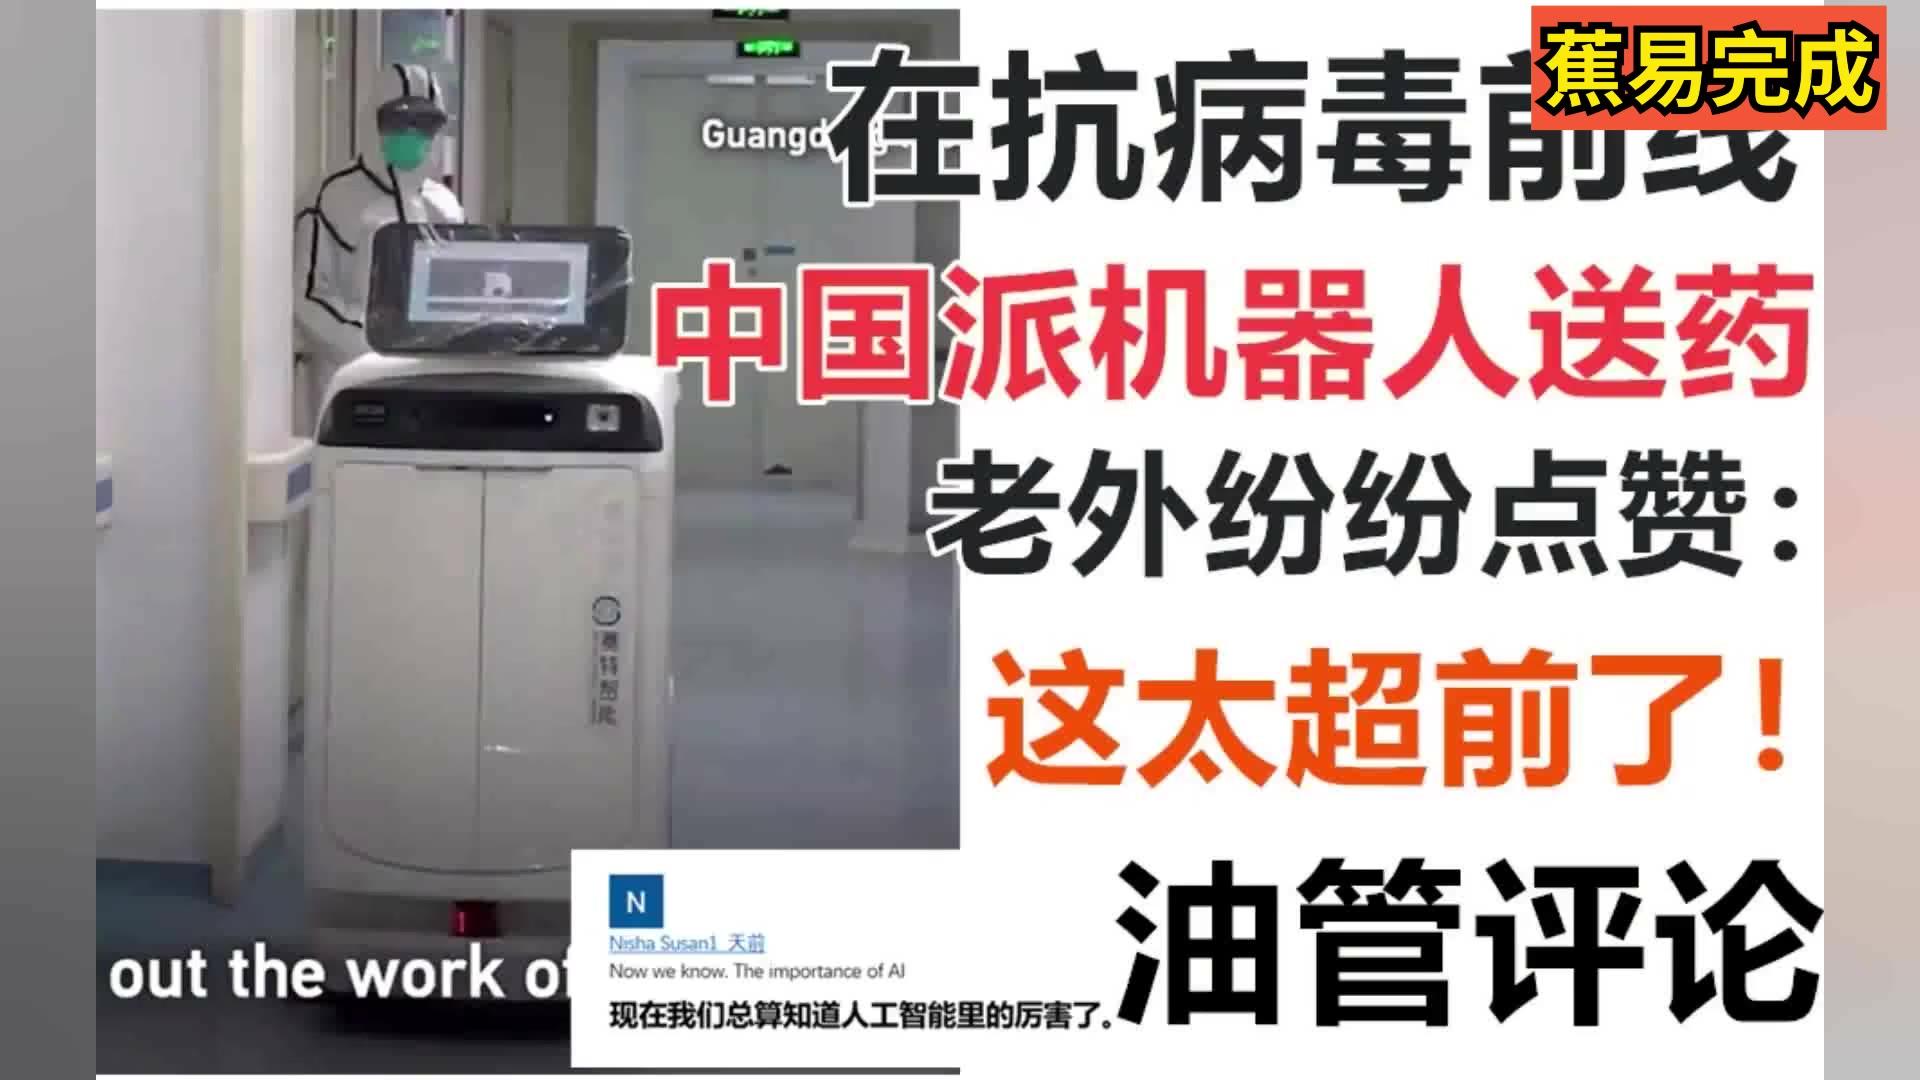 在抗病毒前线,中国派机器人送药!老外纷纷点赞:这太超前了!